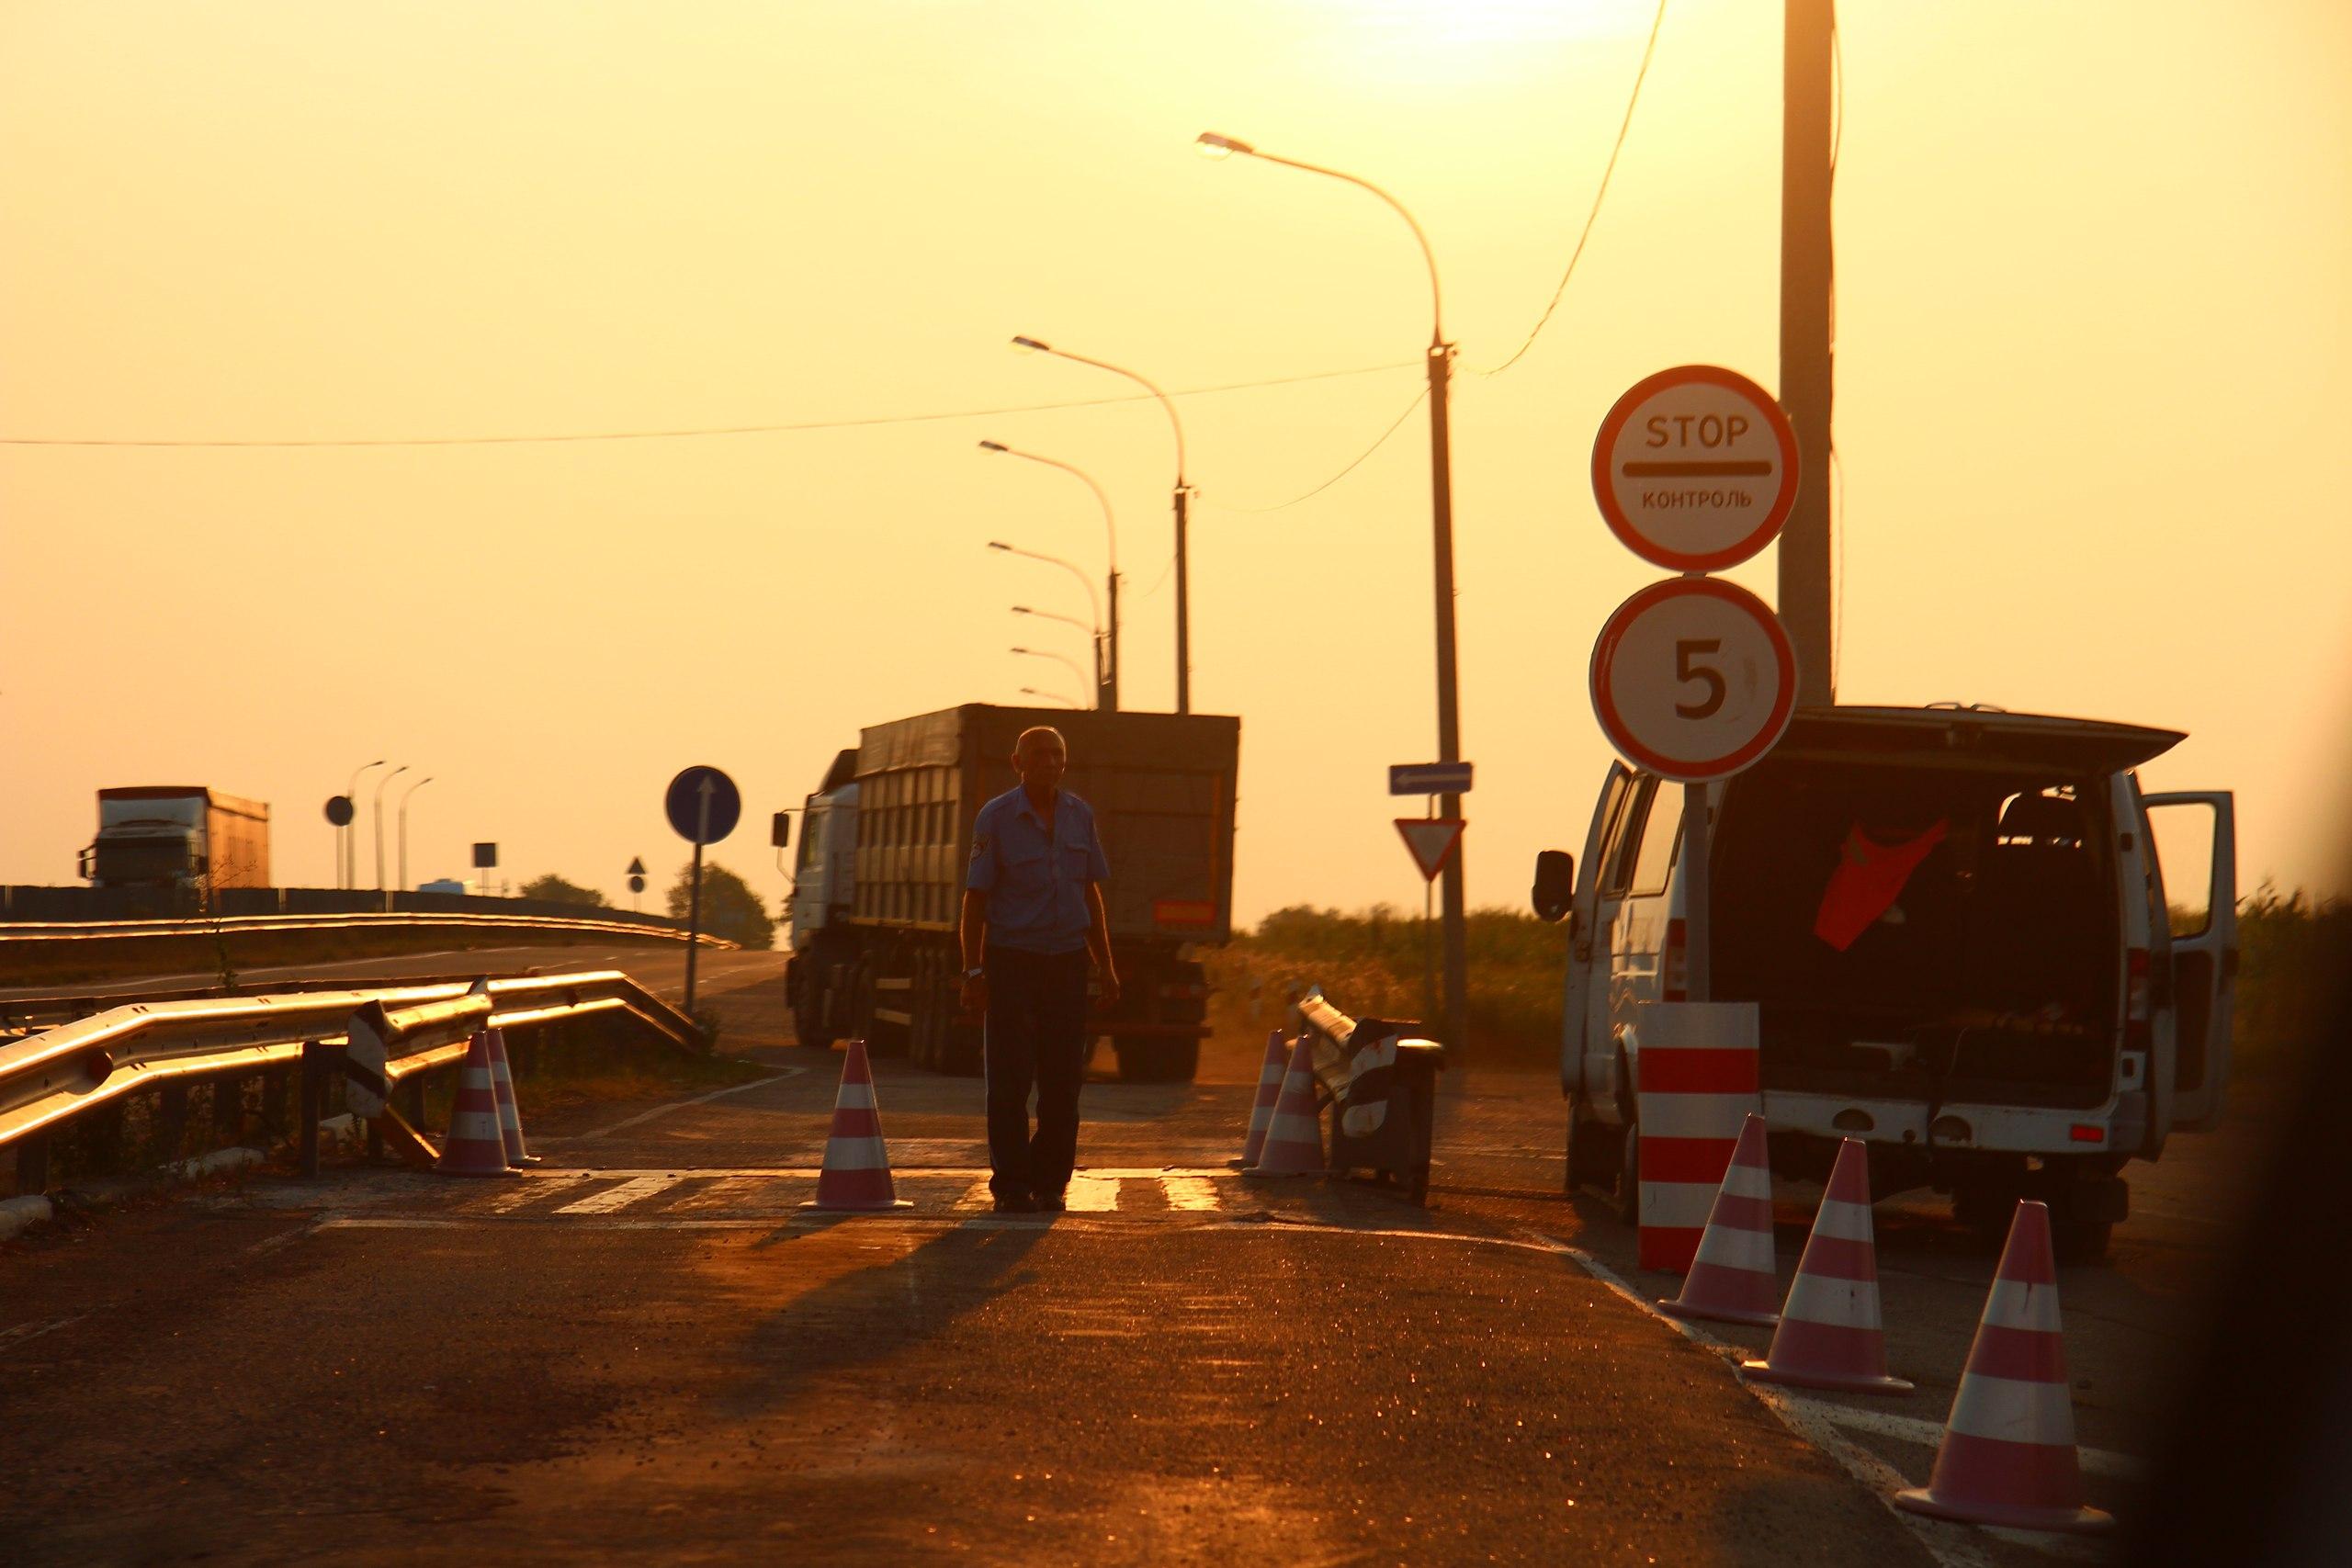 Укртрансбезпека за тиждень поповнила бюджет на 7,5 тисяч євро